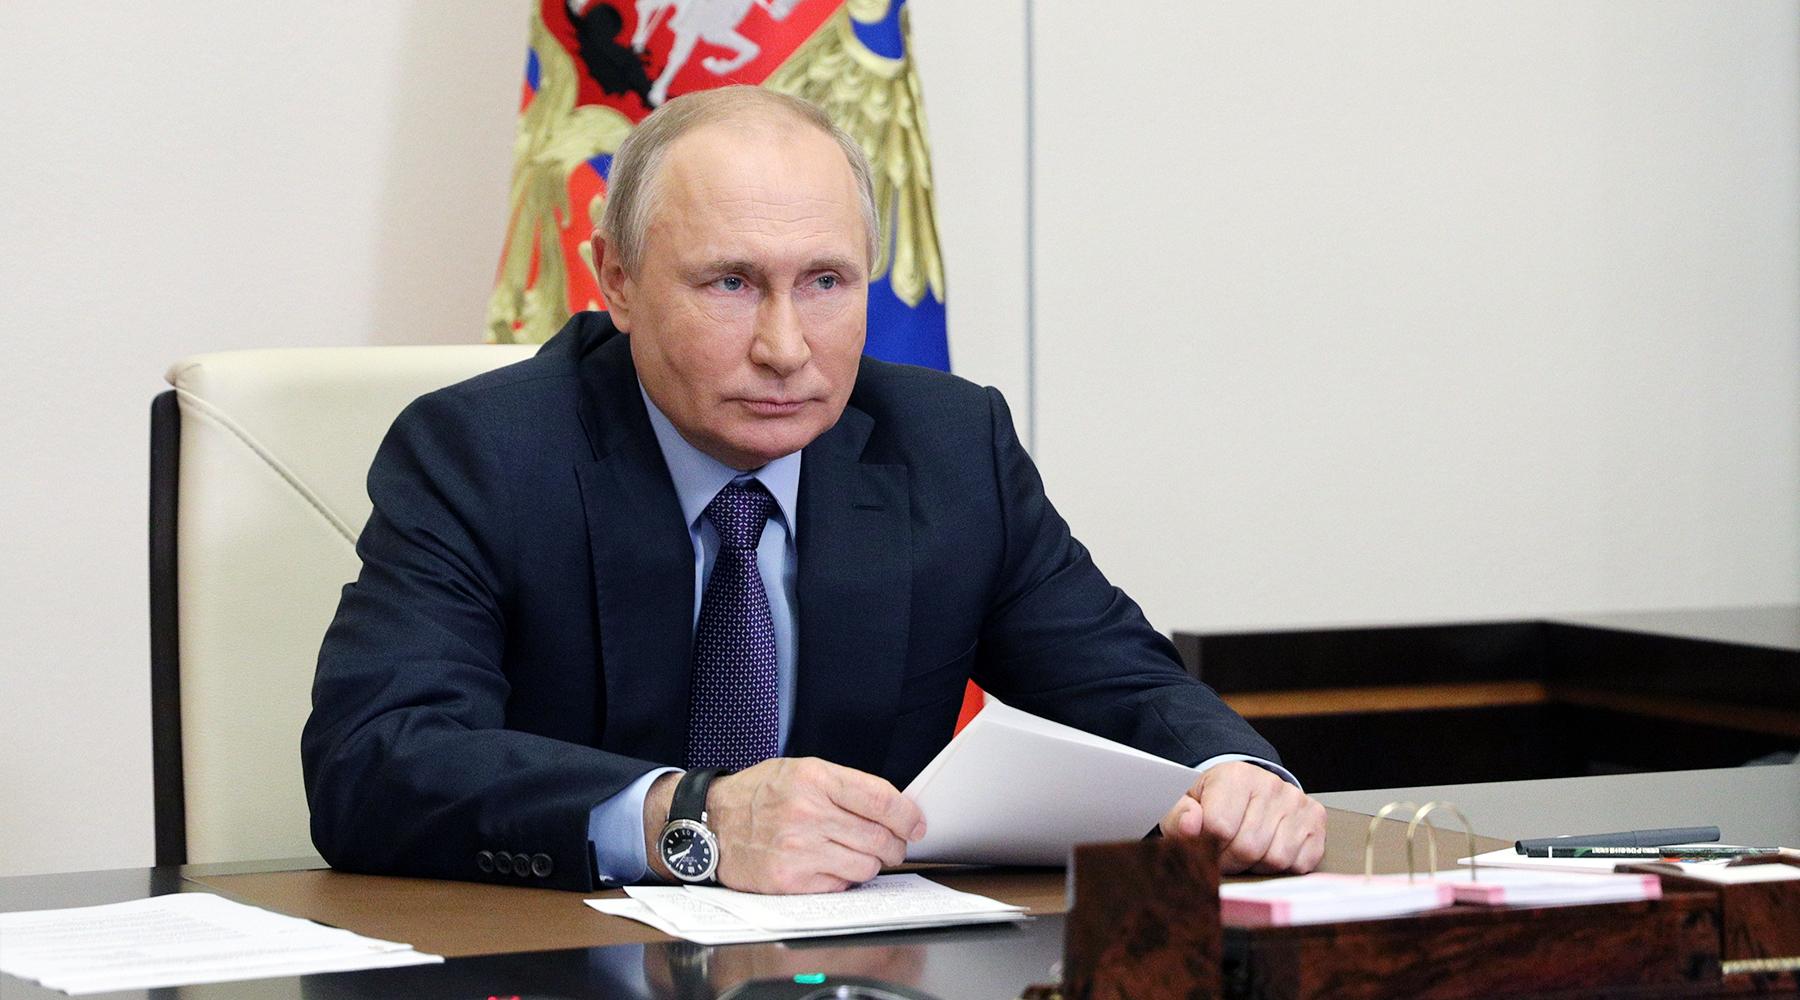 «Без привлечения средств населения»: Путин подписал закон о бесплатном подведении газопровода до участков граждан1